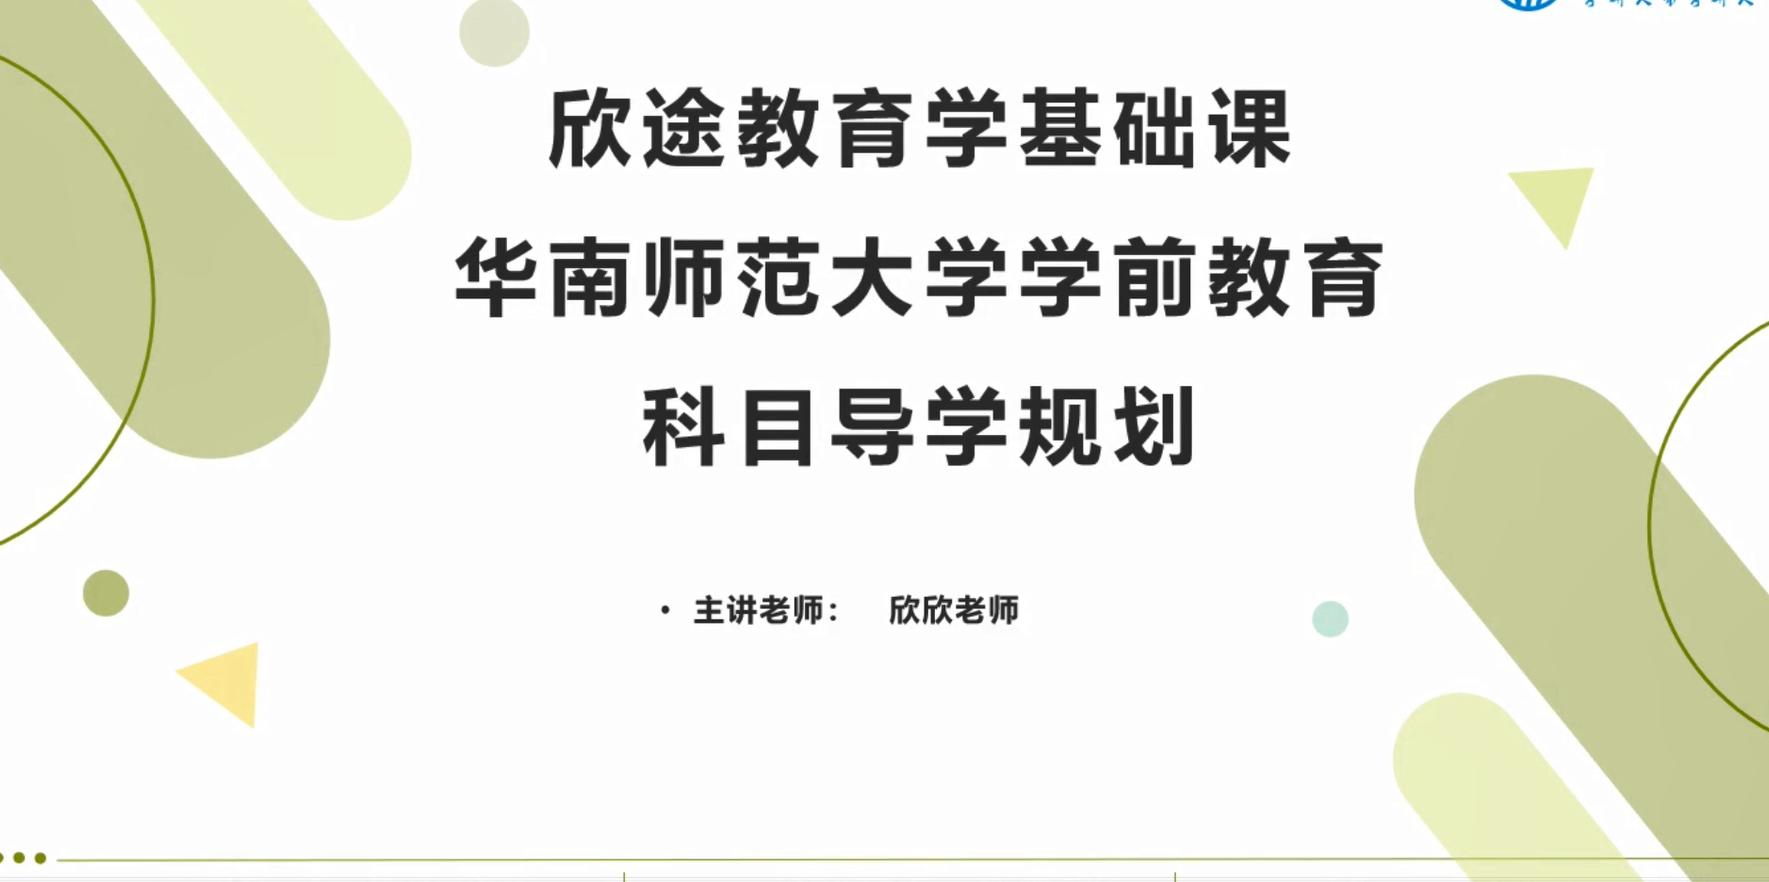 教育学考研之华南学前-科目导学规划